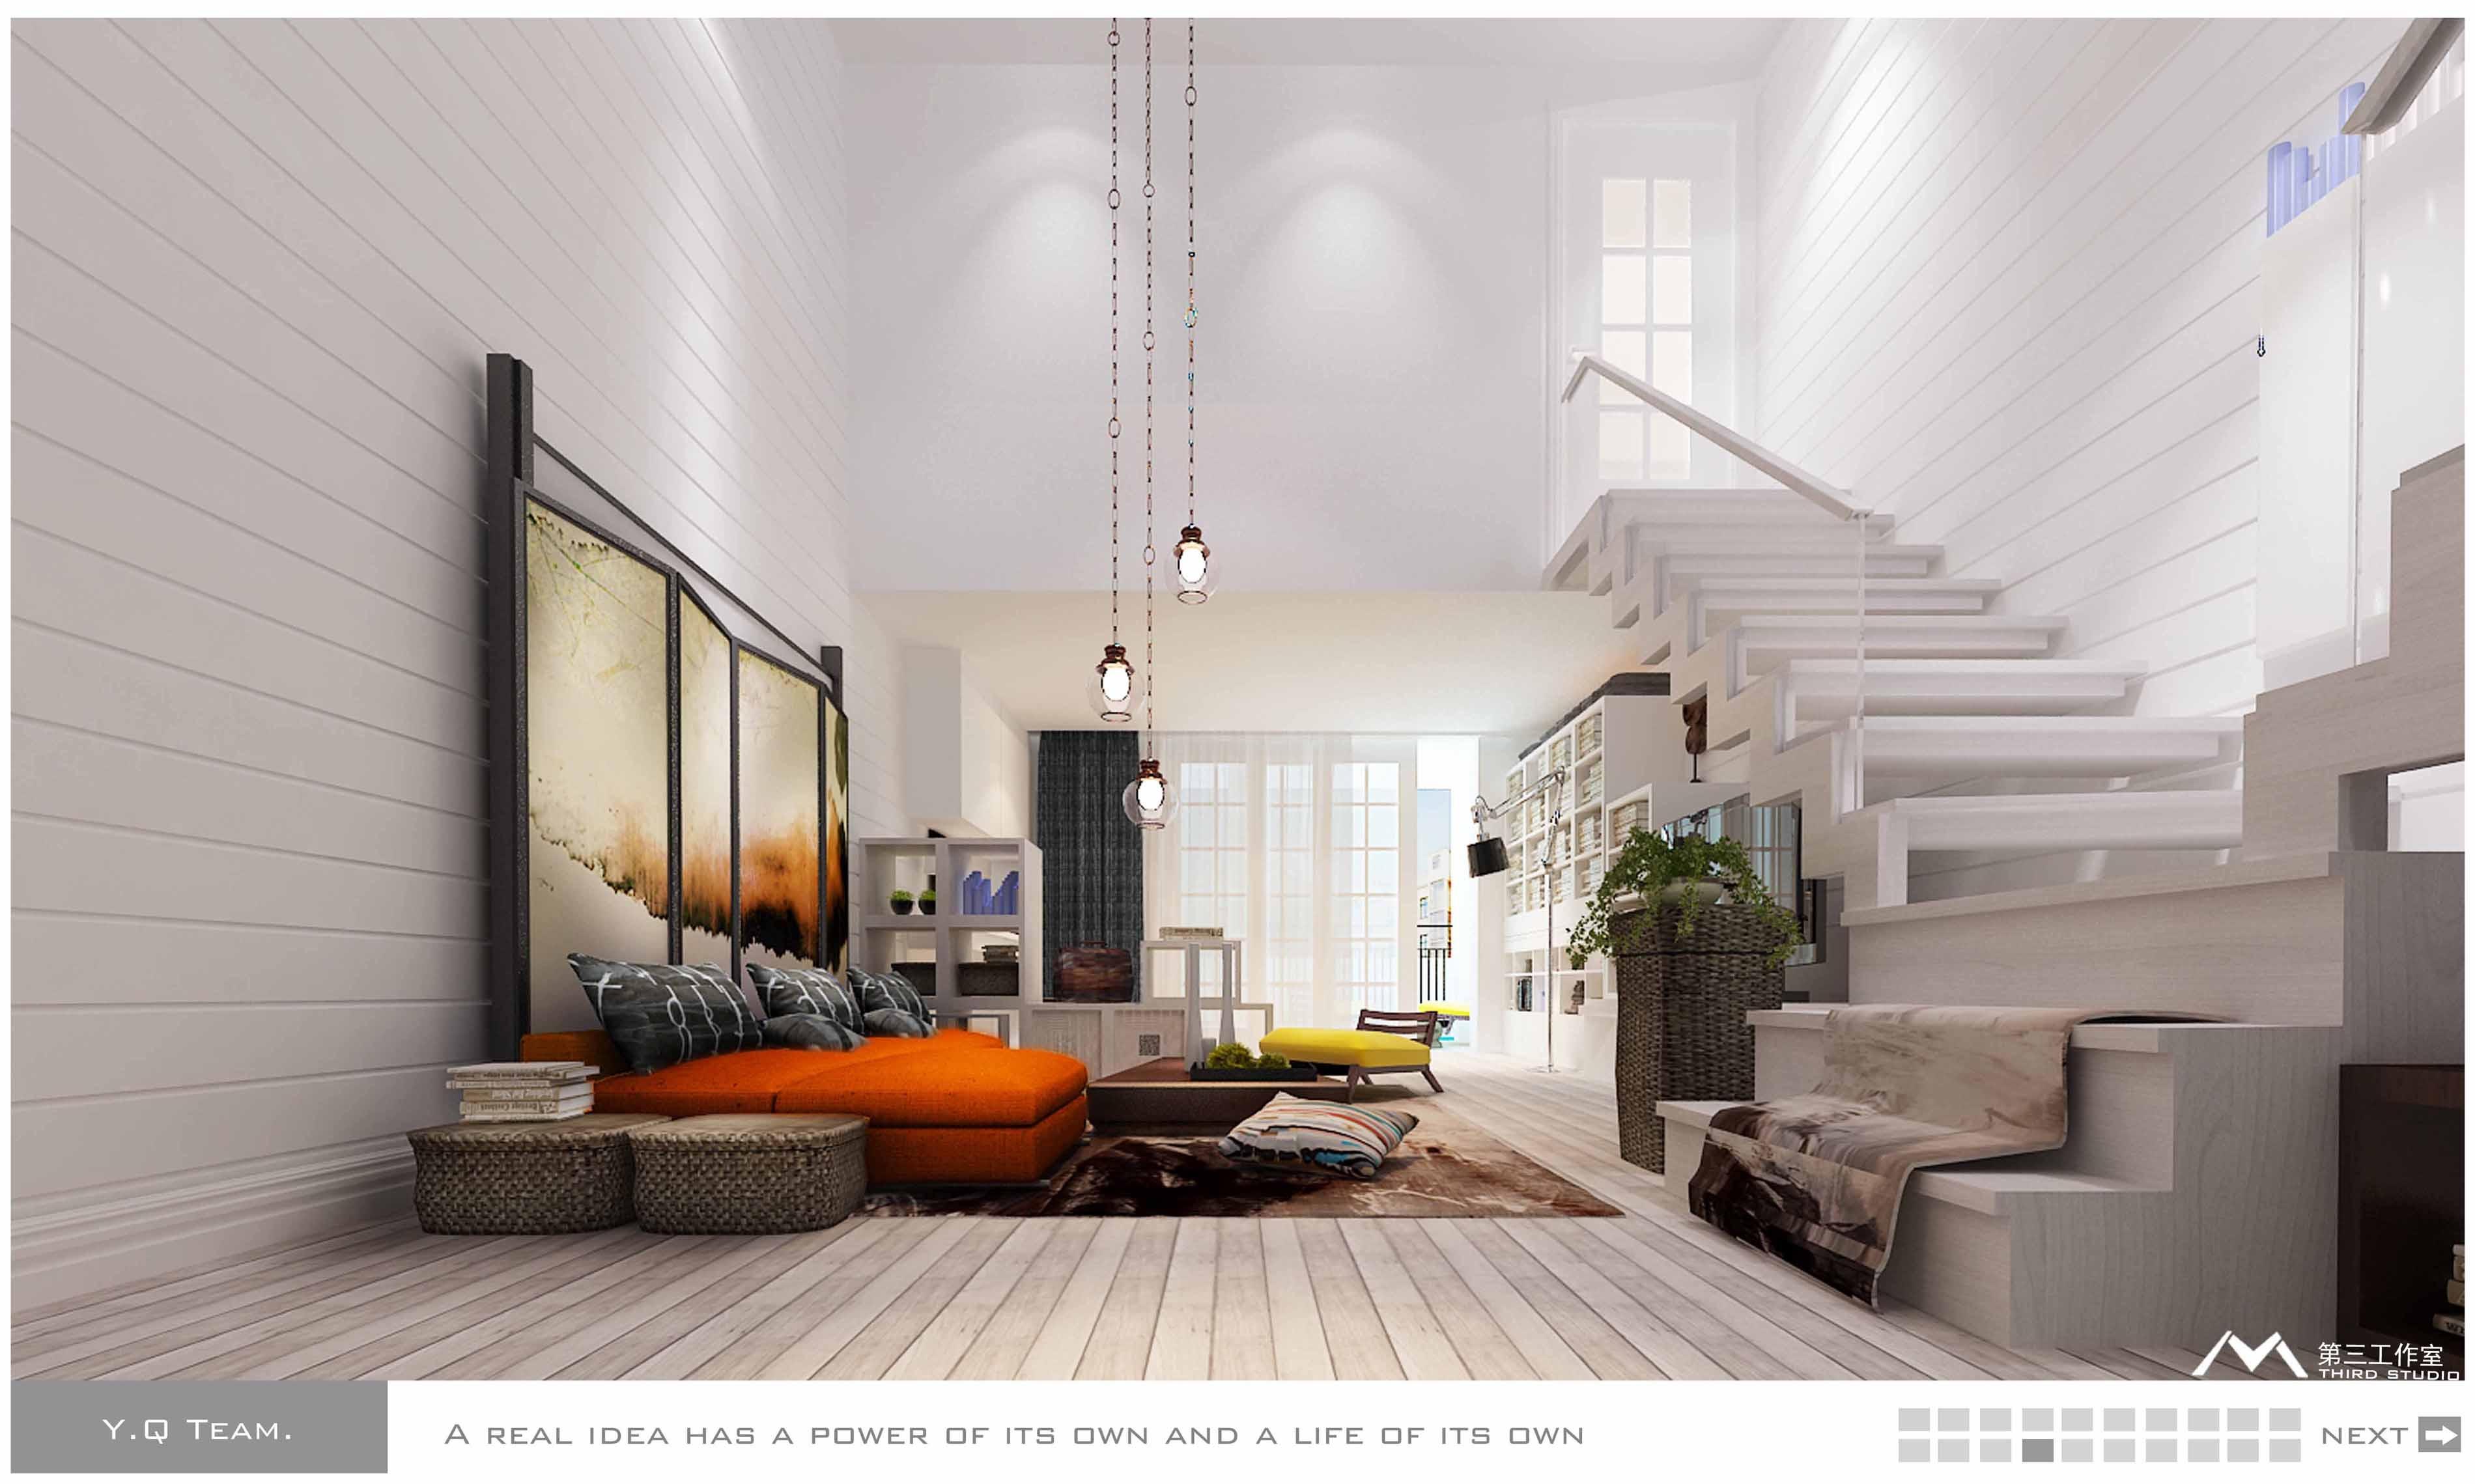 简约风格复式楼客厅装修效果图大全2012图片 (6/6)图片